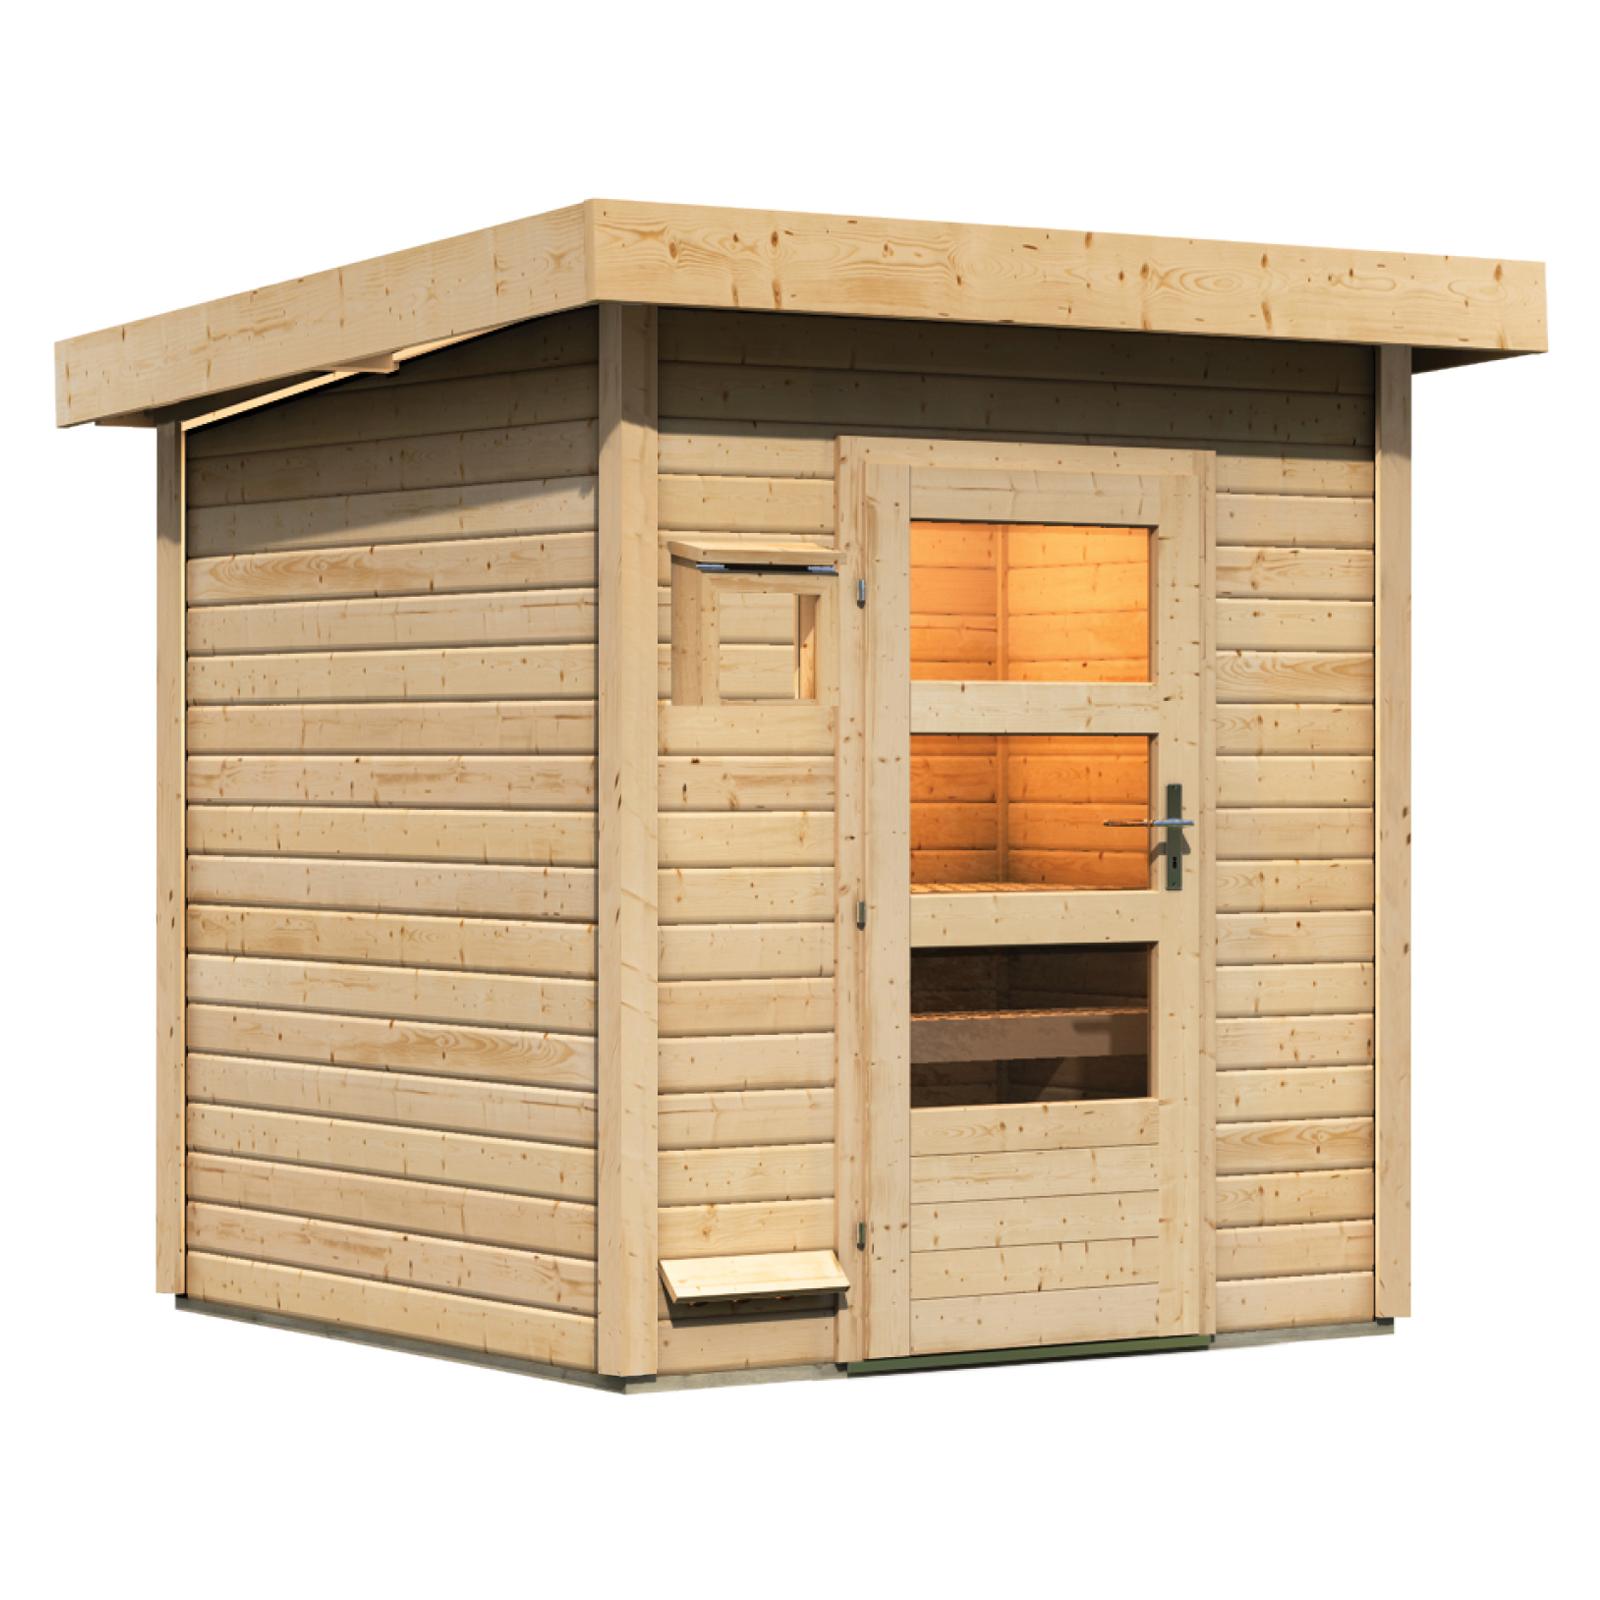 Full Size of Karibu Sauna 38 Mm Saunahaus Juuka 80797 Gnstig Kaufen Ebay Gebrauchte Küche Verkaufen Big Sofa Dusche Esstisch Ikea Bett Günstig Regale Amerikanische Alte Wohnzimmer Gartensauna Kaufen